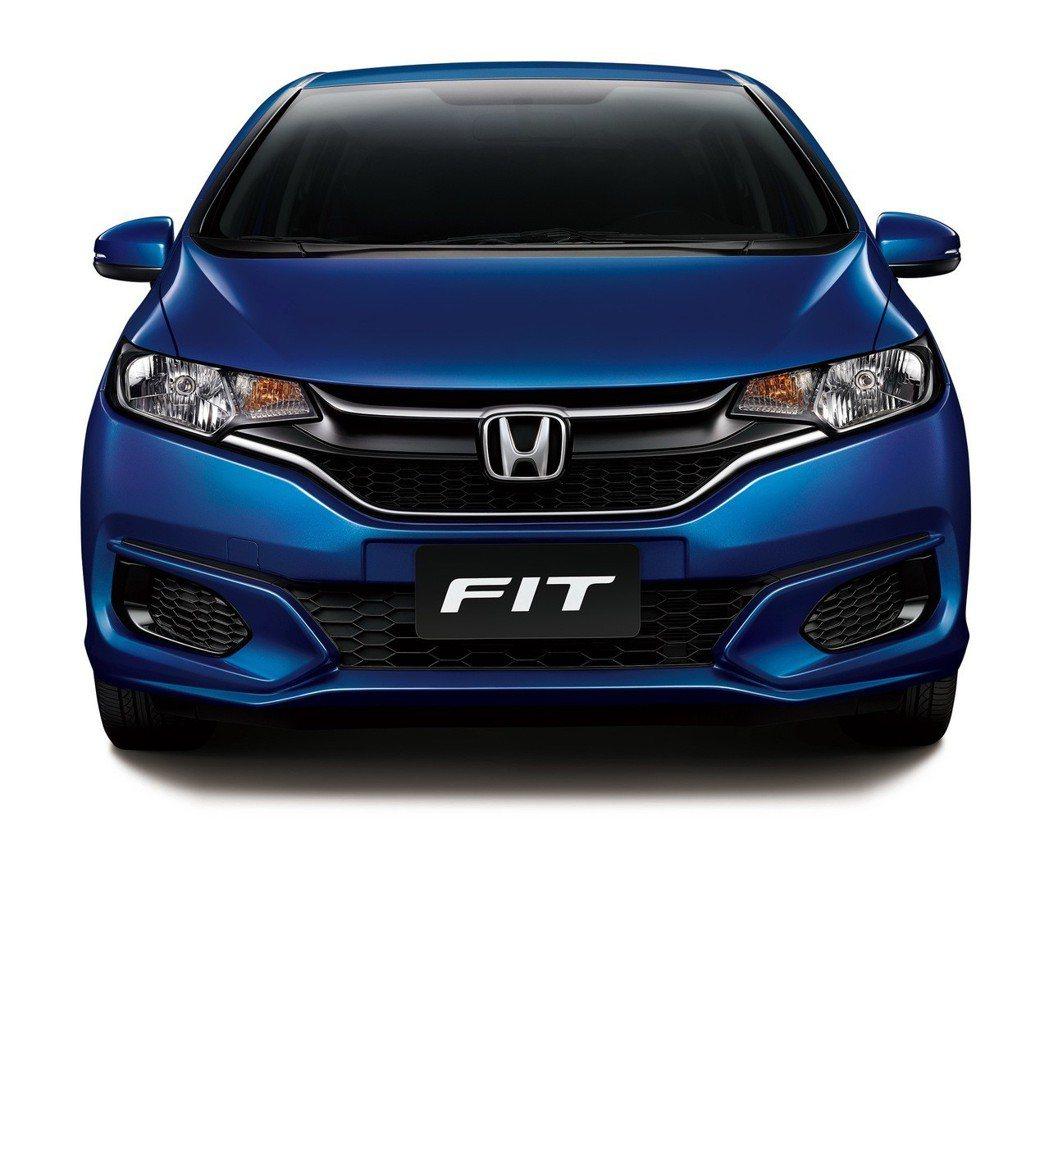 過往銷售也曾經亮眼的Honda FIT,近年銷售也持續下滑。 圖/台灣本田提供